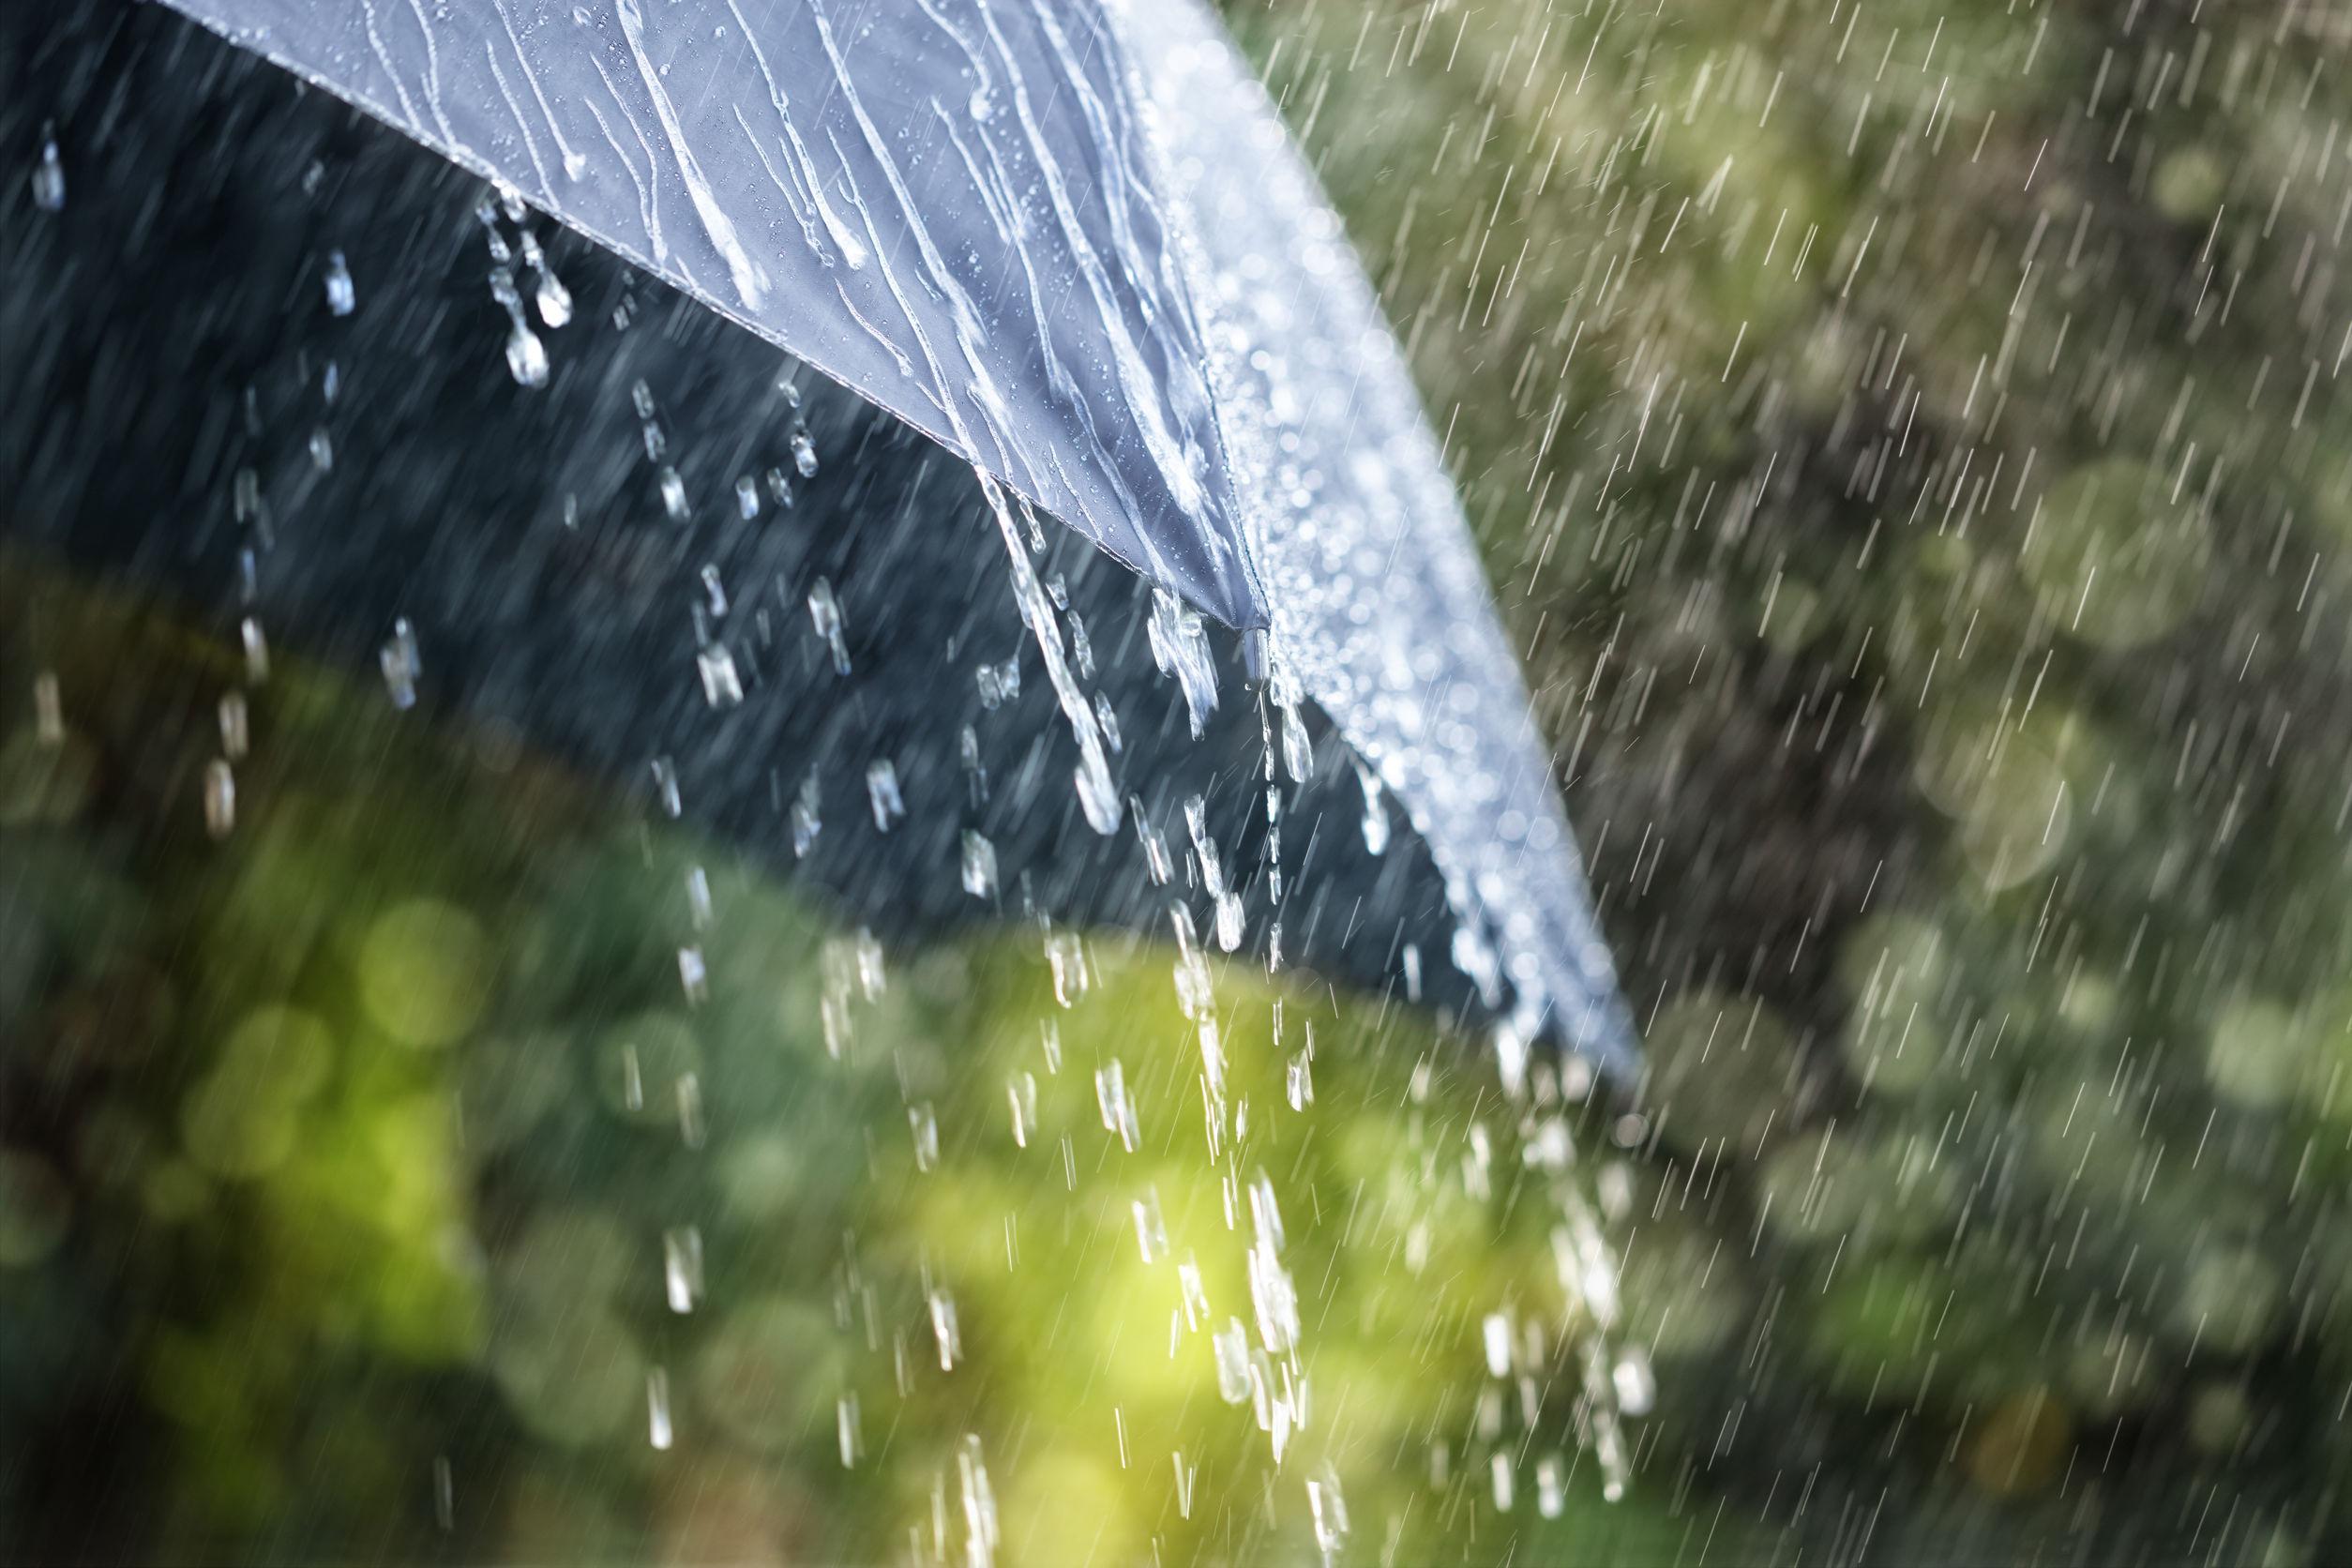 PROGNOZA METEO pentru miercuri şi joi. Cer variabil în vest, înnorări şi precipitaţii slabe în restul teritoriului